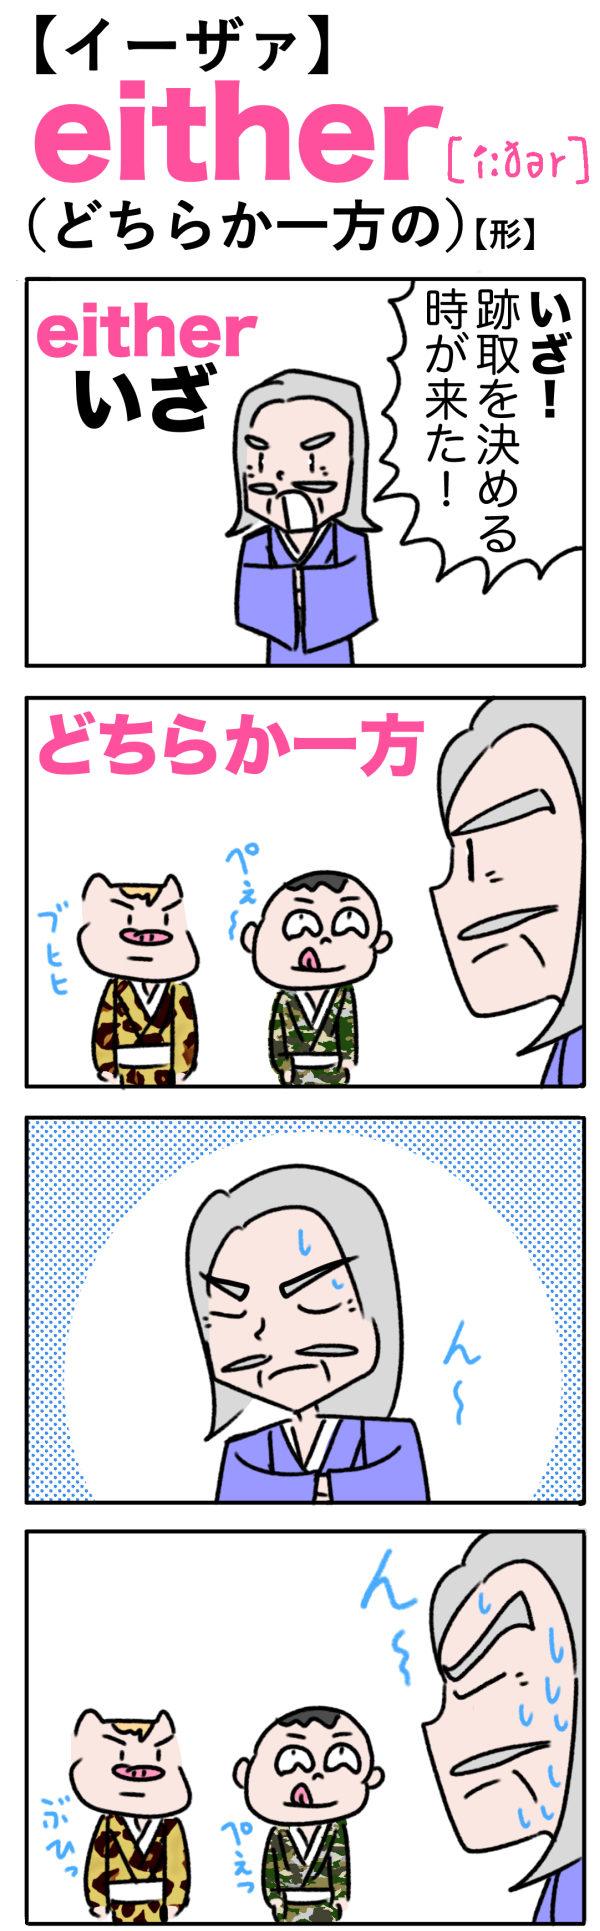 either(どちらか一方の)の語呂合わせ英単語